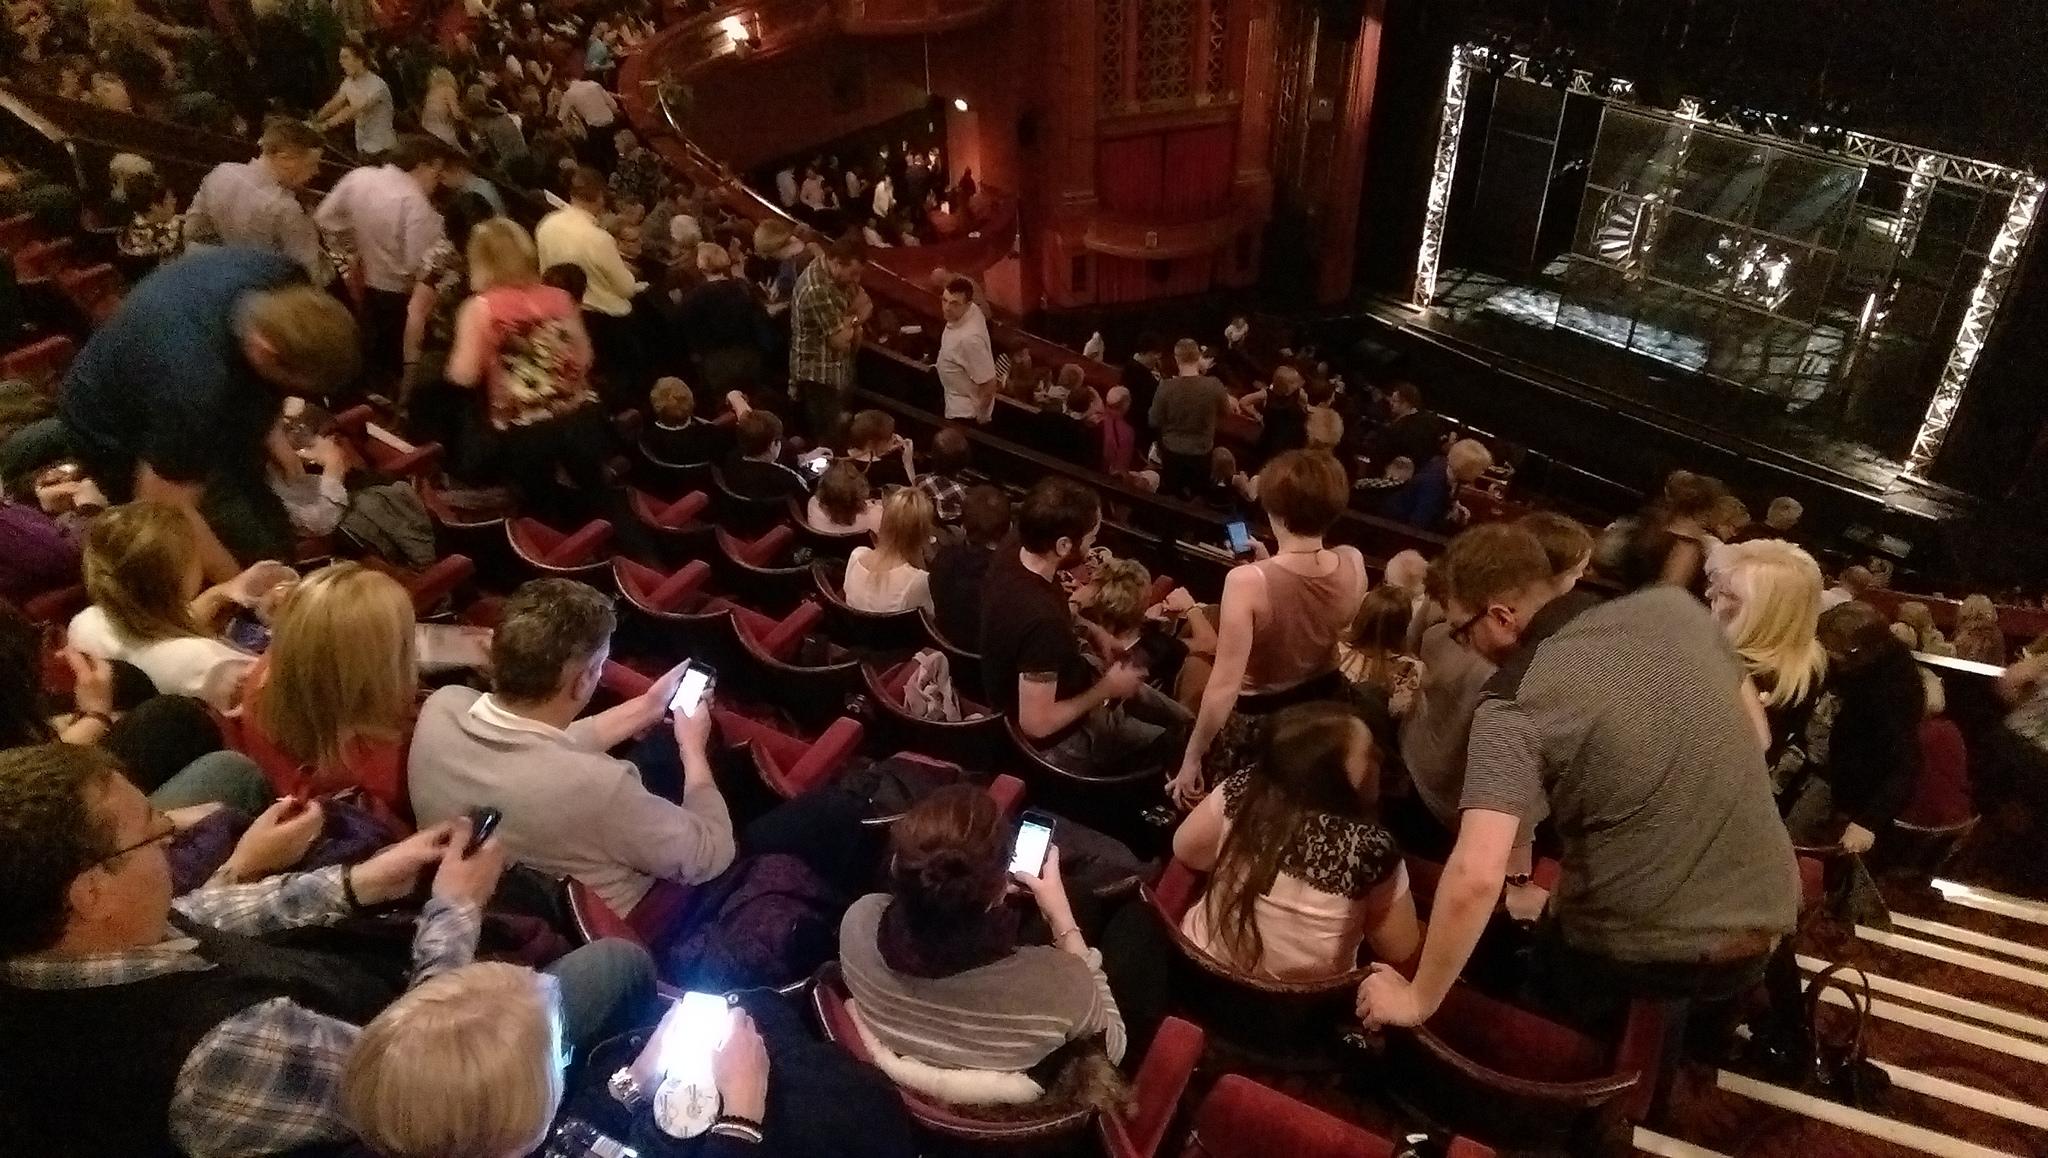 theatre mobile phones